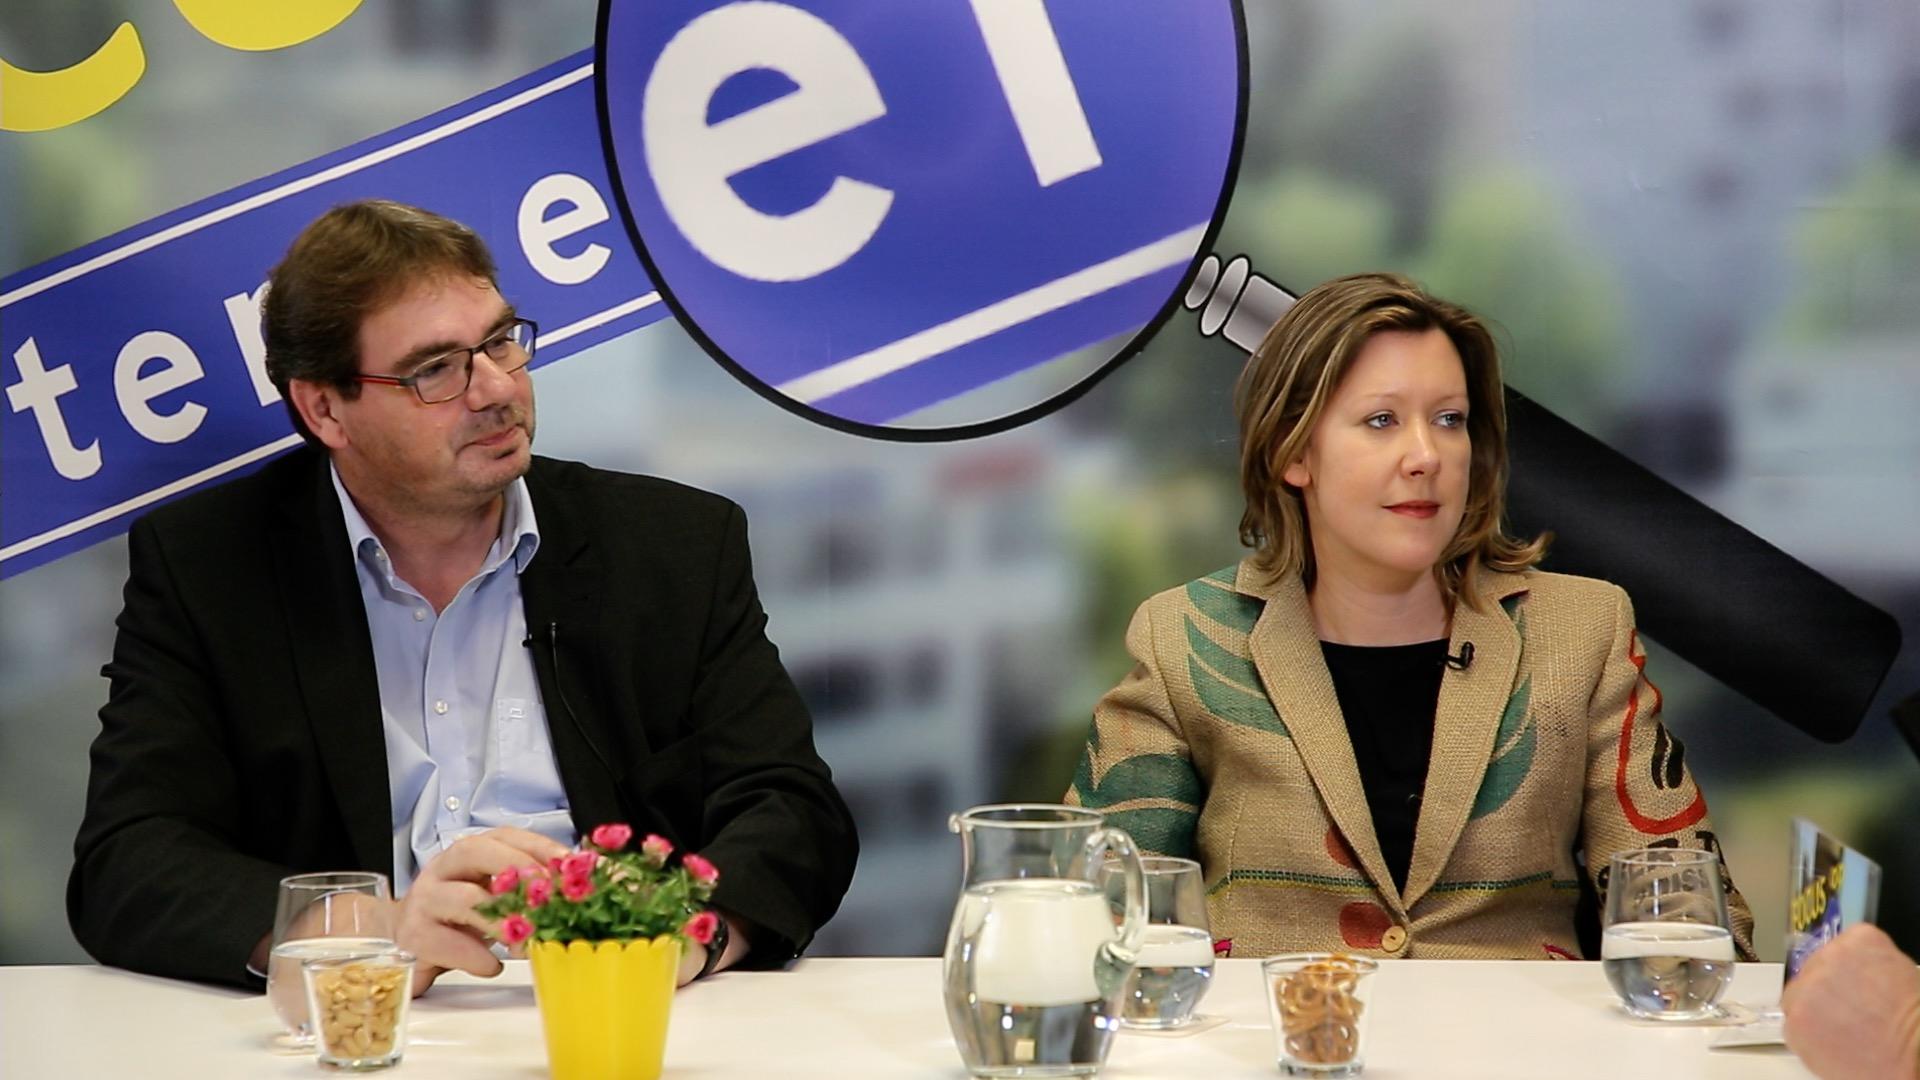 Focus op Zoetermeer (Jaargang 2 Aflevering 3)